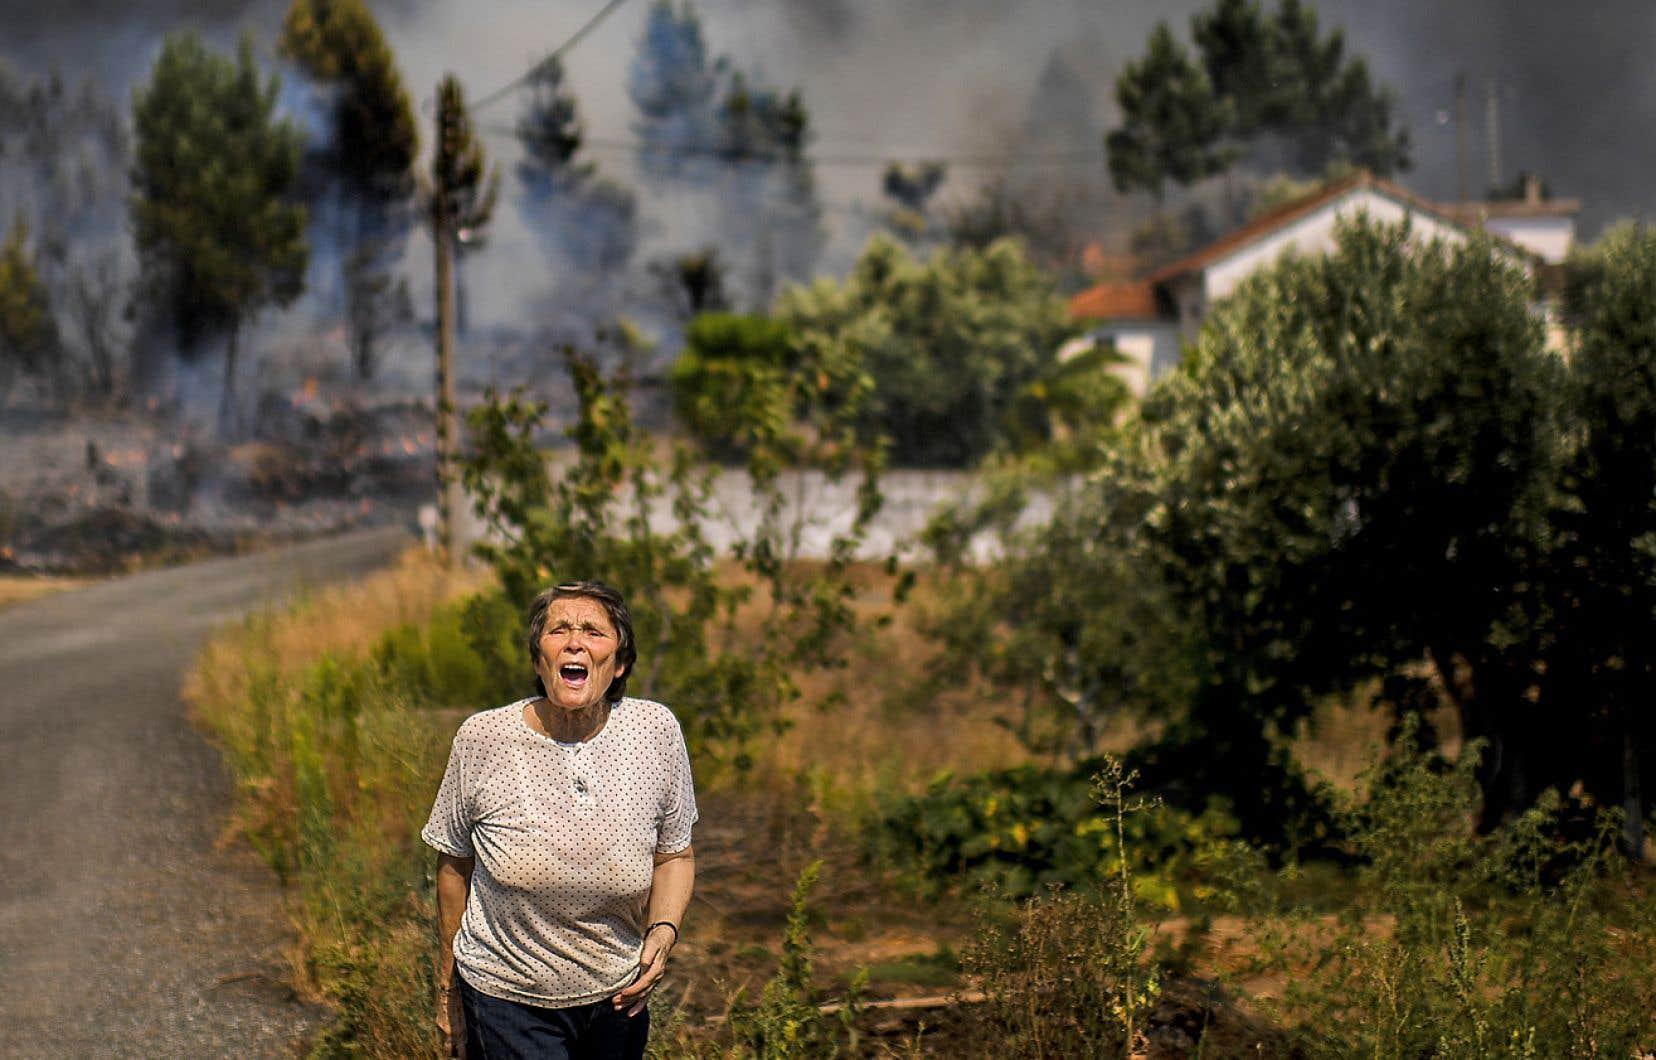 Une femme crie pour demander de l'aide à l'approche des flammes dans le village de Macao, au Portugal.